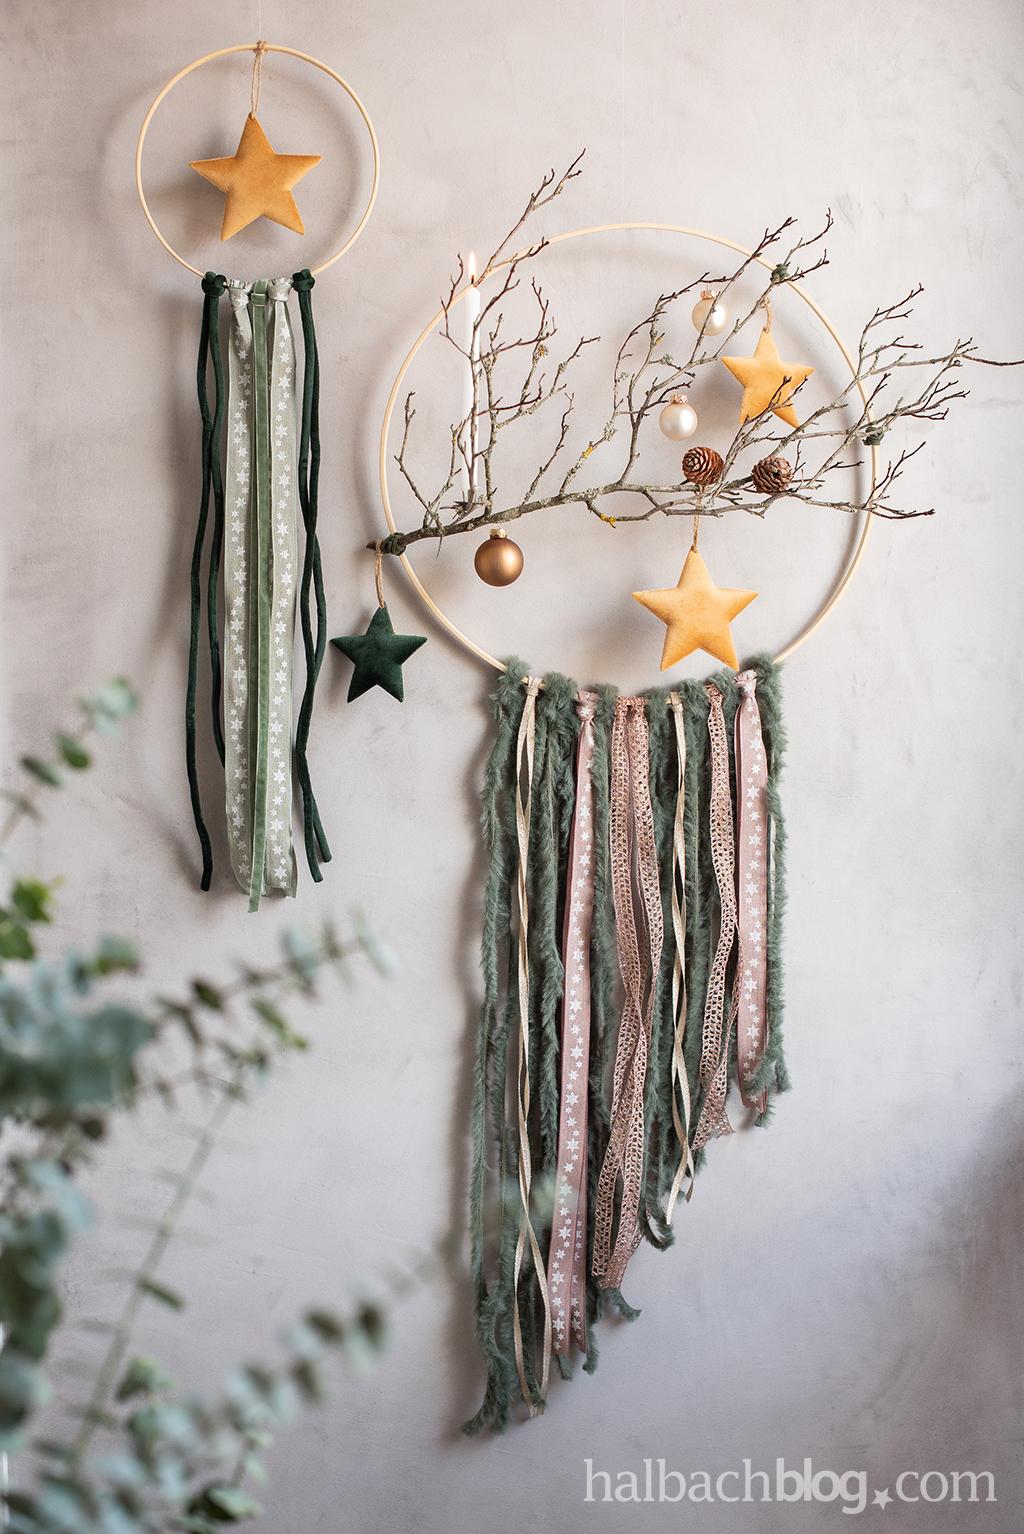 Halbachblog I Winter Dekoidee: DIY-Dekoring ganz natürlich mit Ast, Bändern, Schnüren und Samtsternen